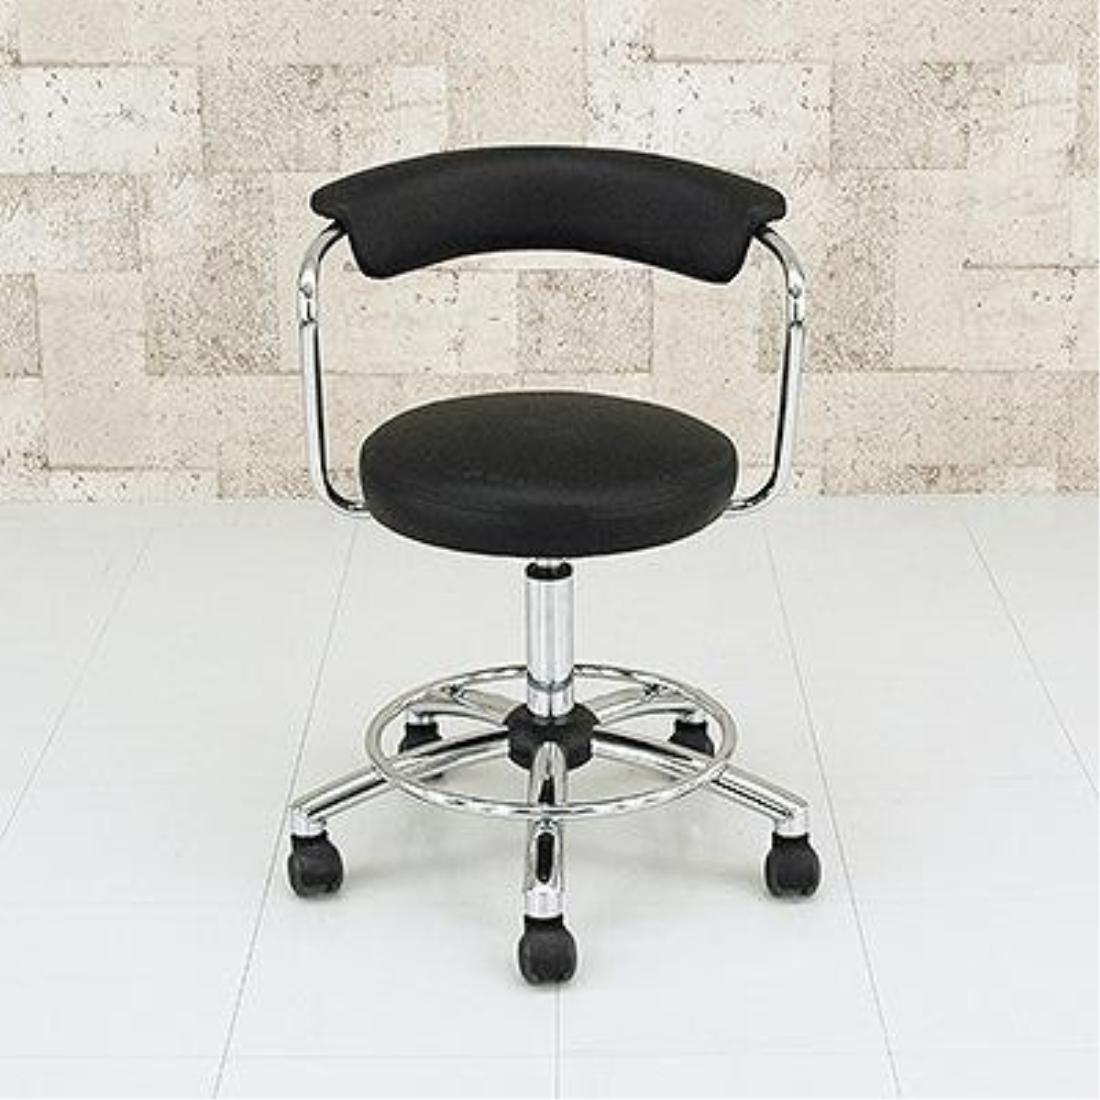 インテリア 家具 チェアー 椅子 デザインチェア